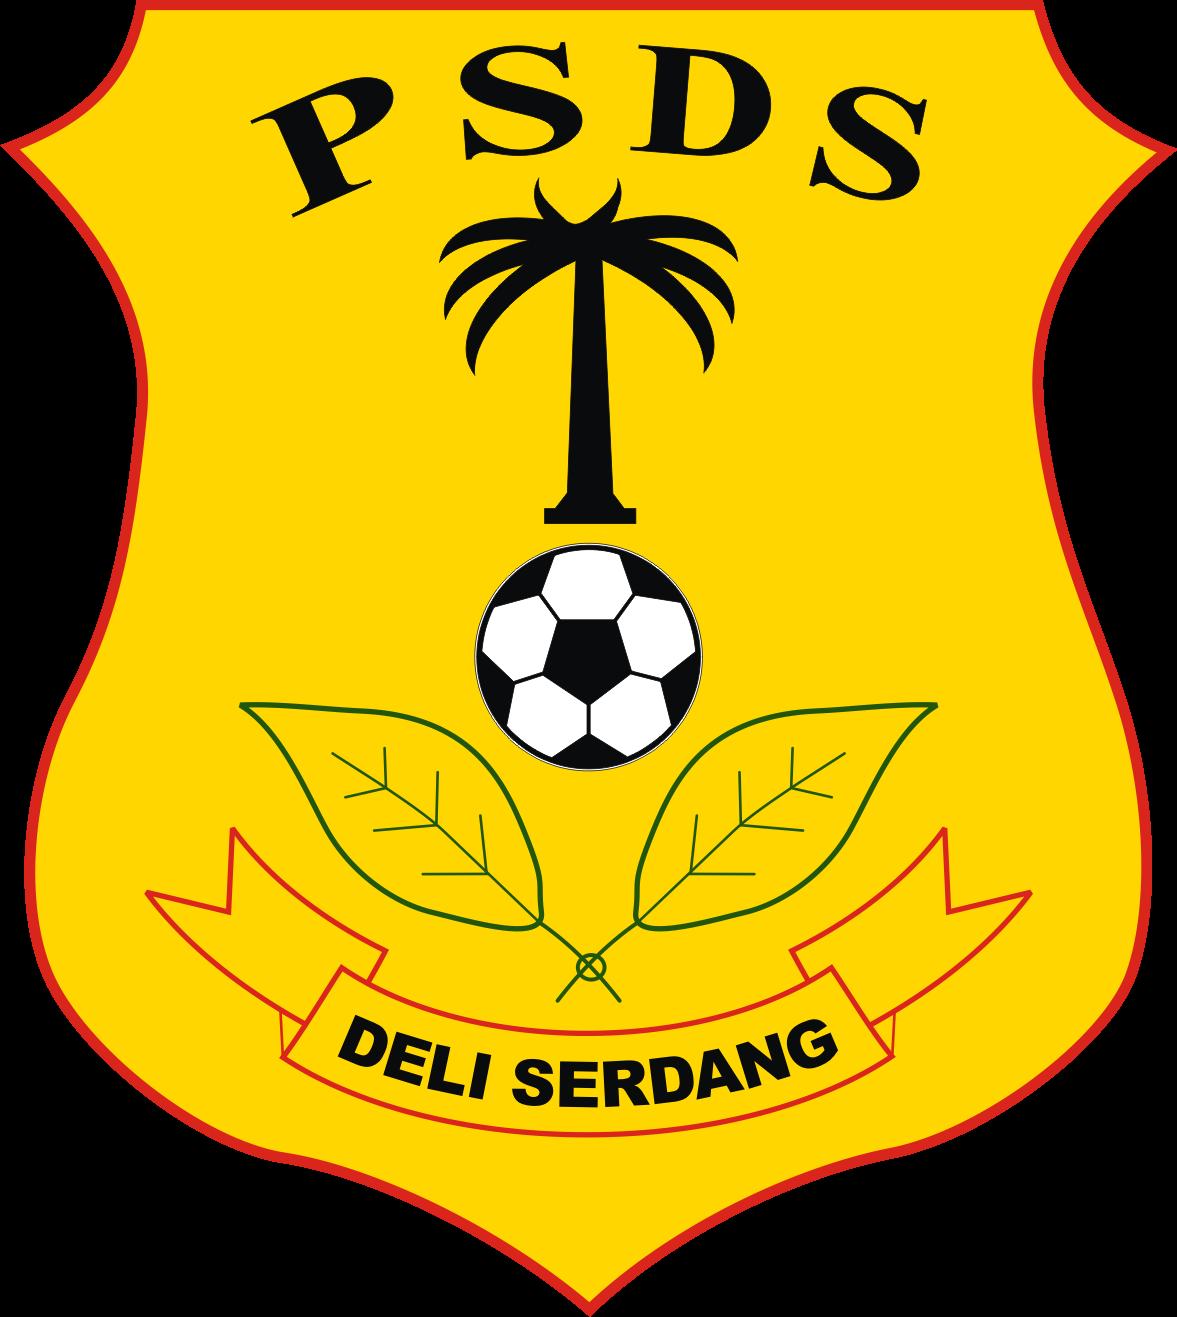 Logo PSDS Deli Serdang - Ardi La Madi's Blog